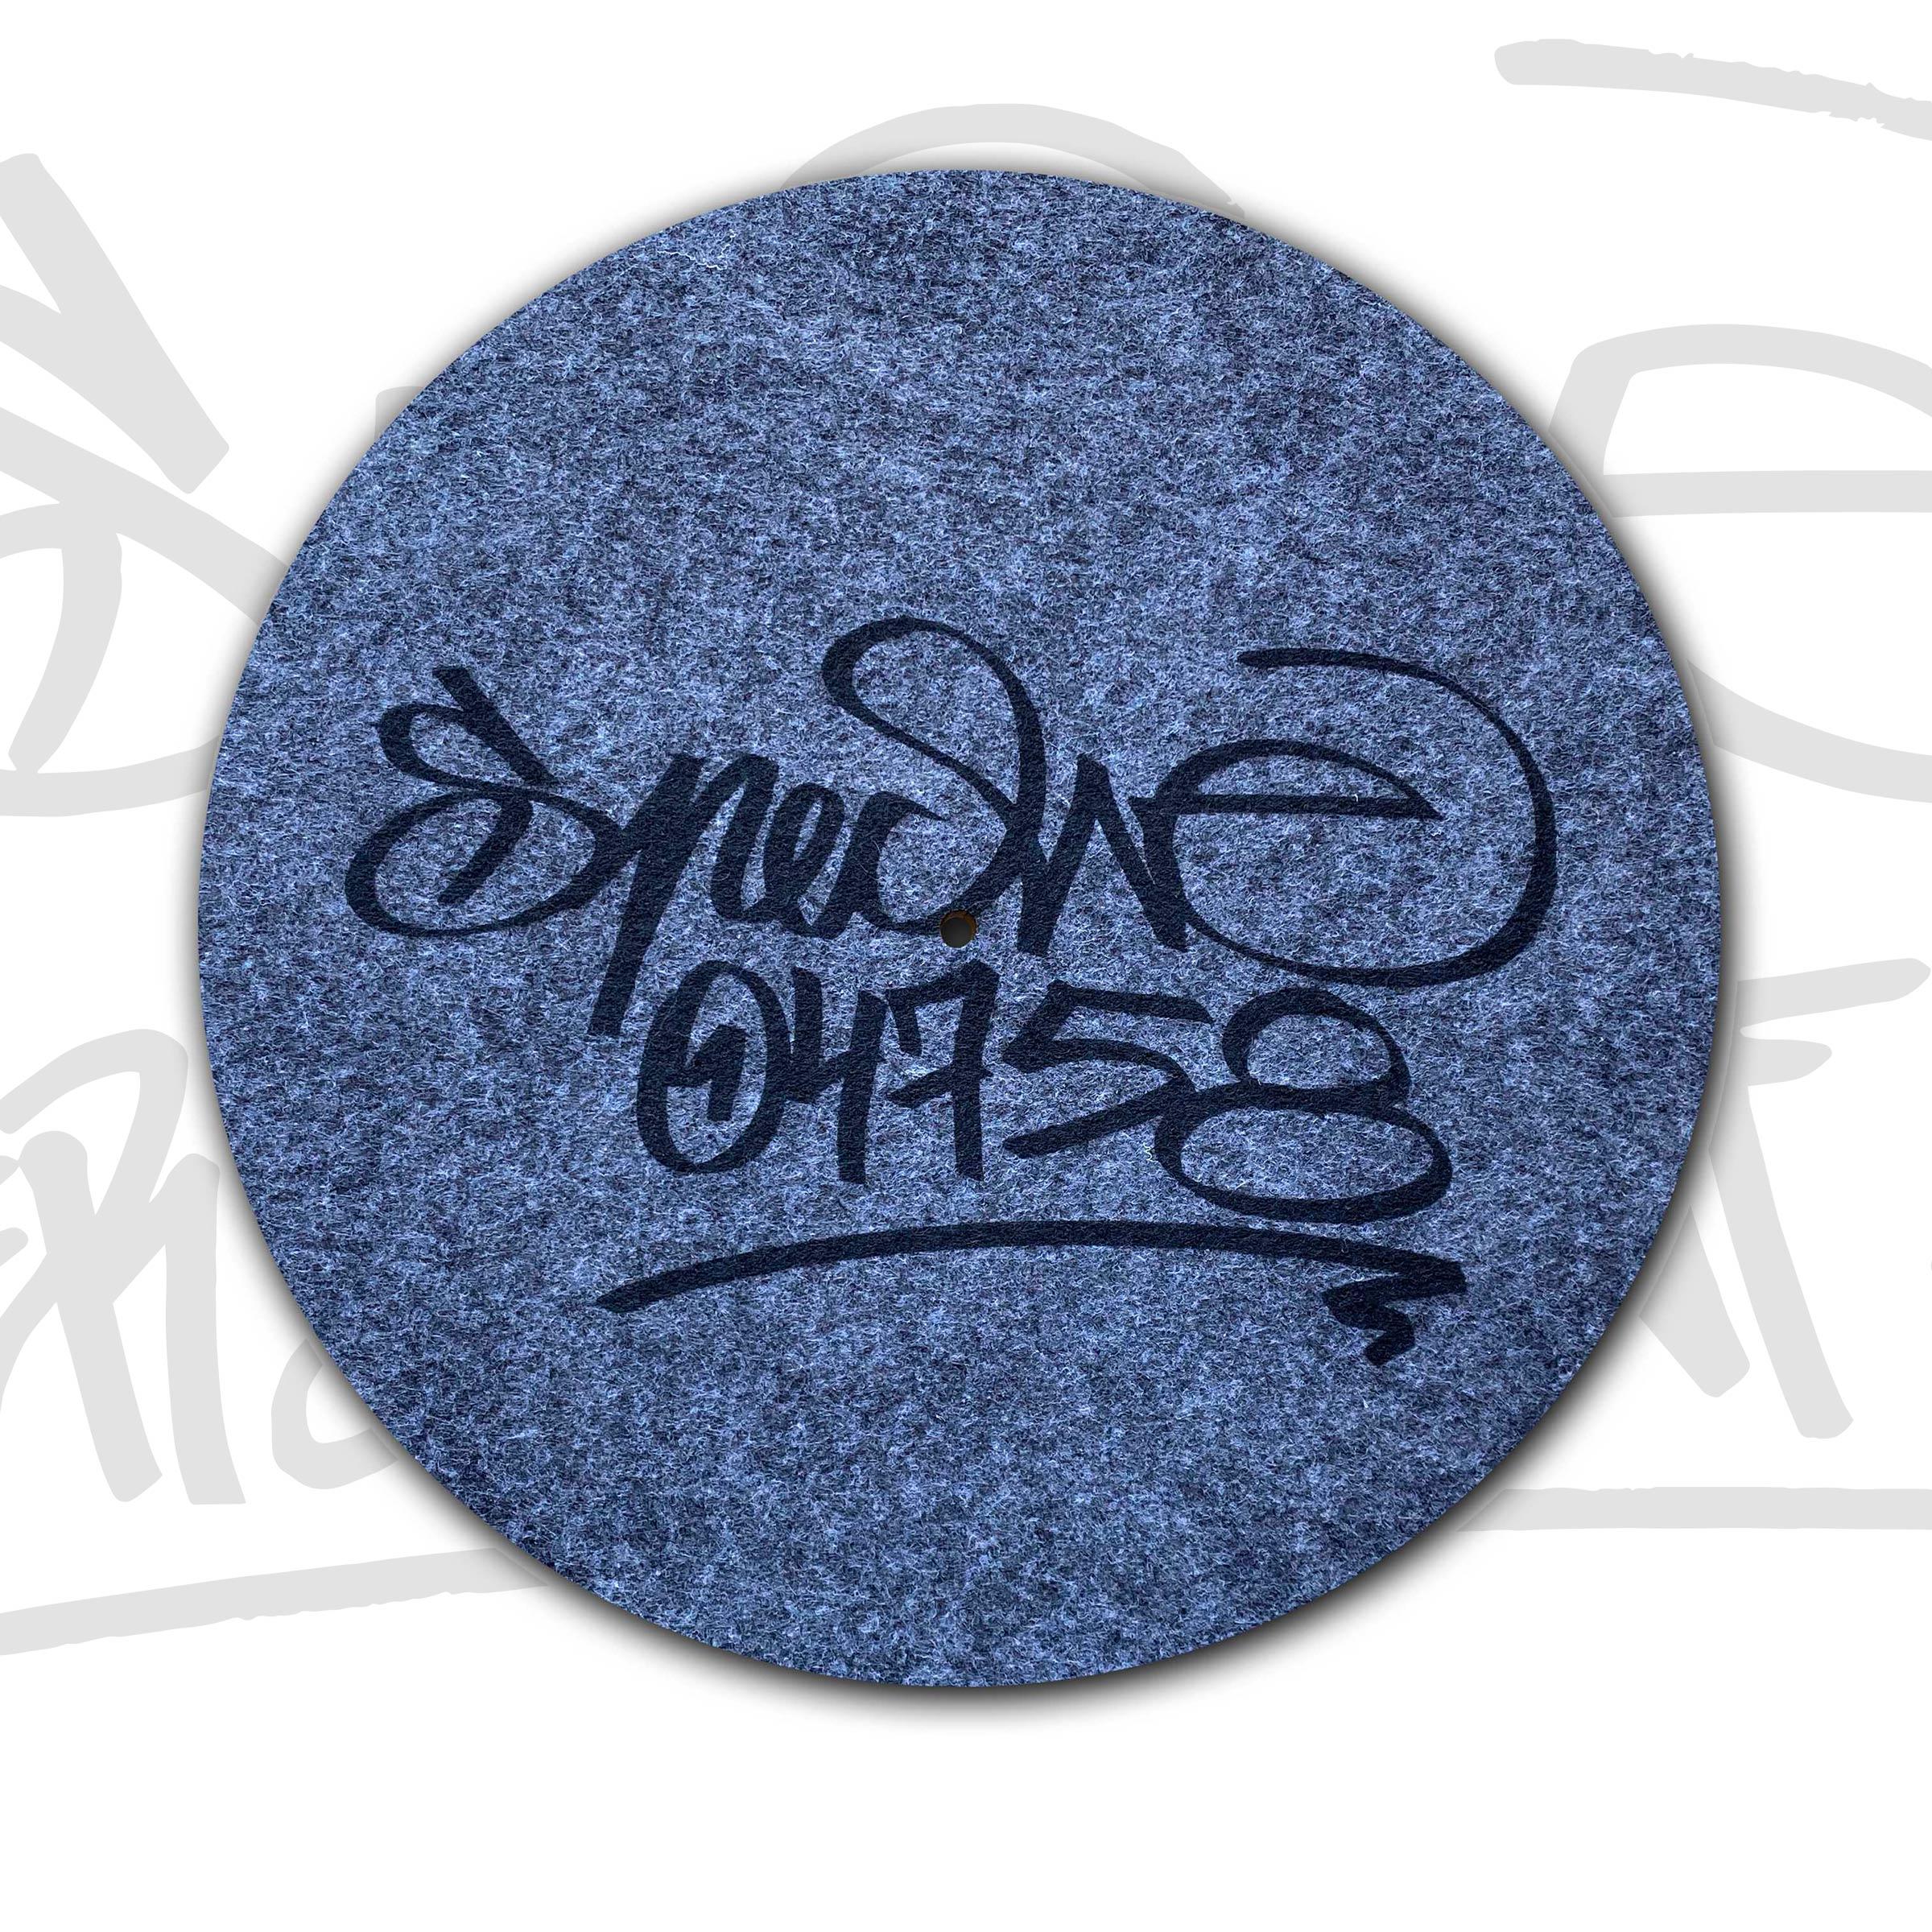 """Slipmat """"Speche 04758"""" – designt von Speche"""